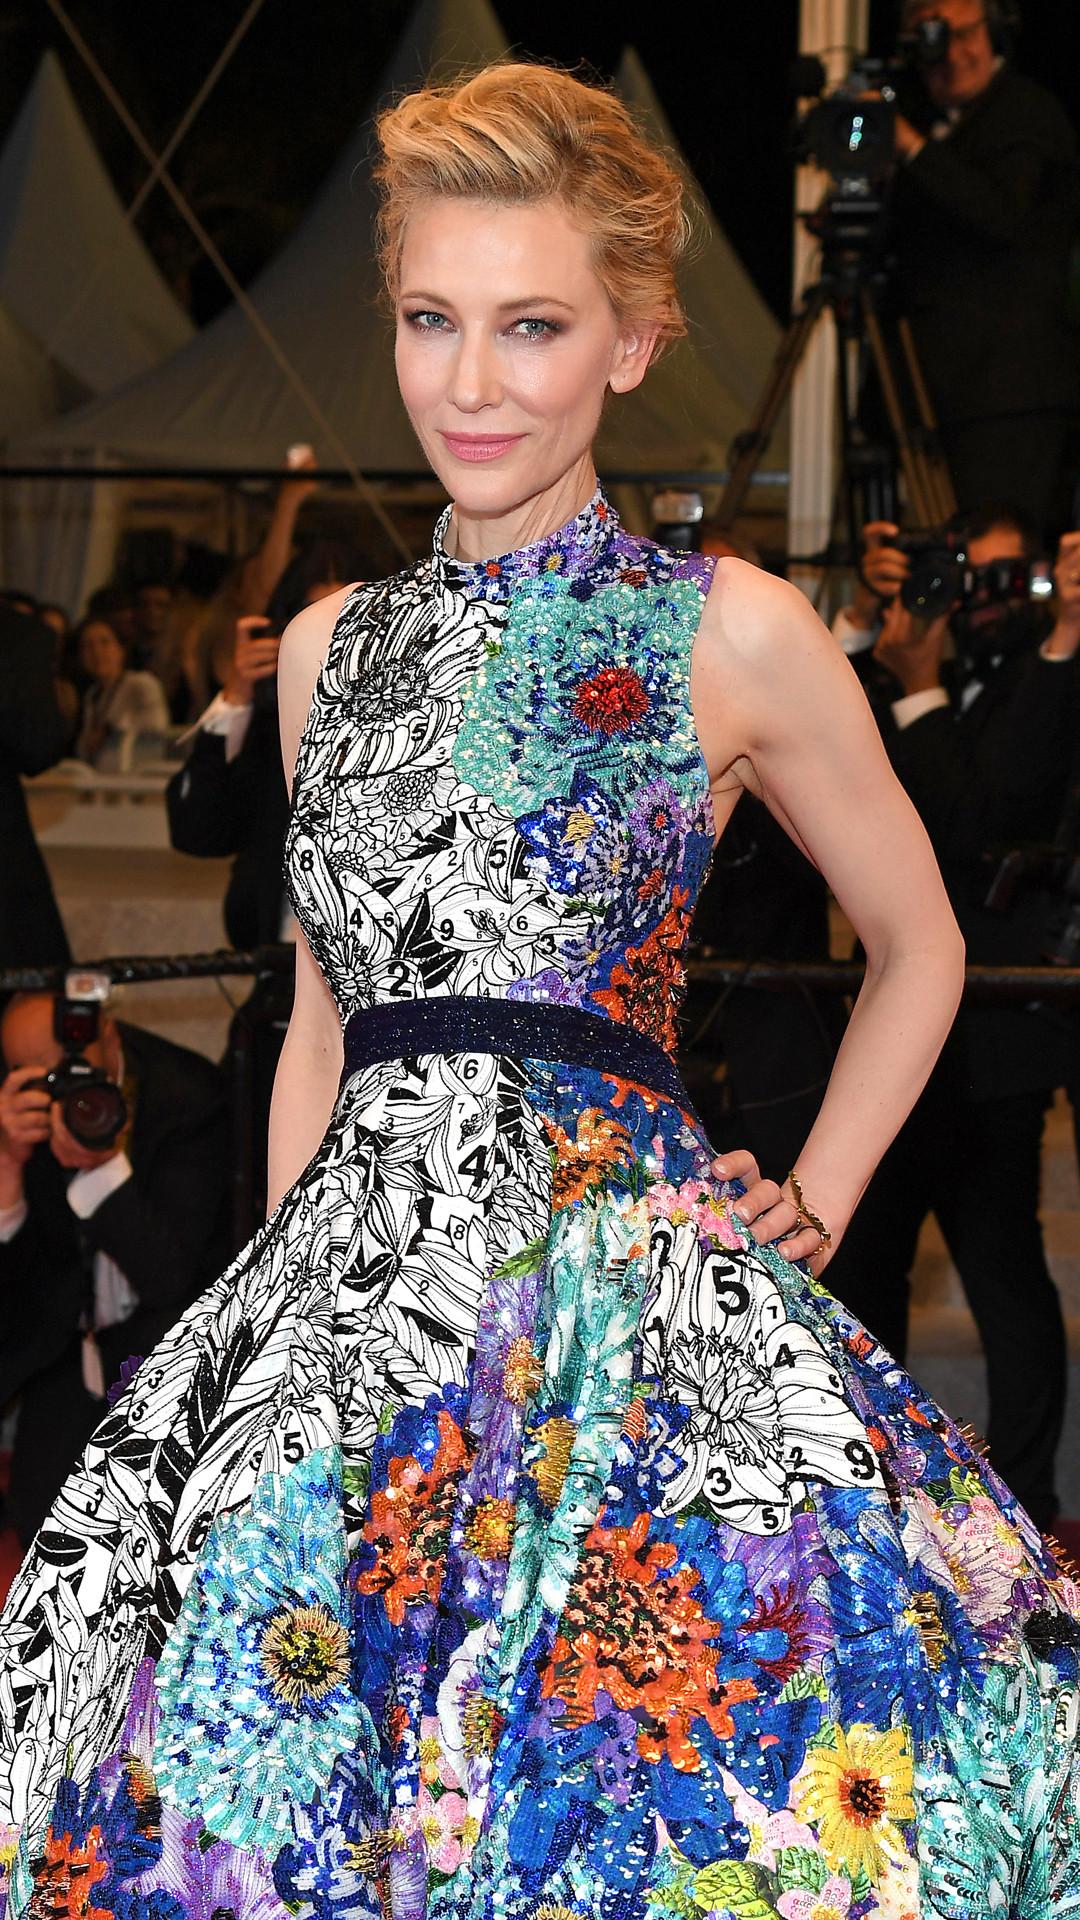 Cate Blanchett, 2018 Cannes Film Festival